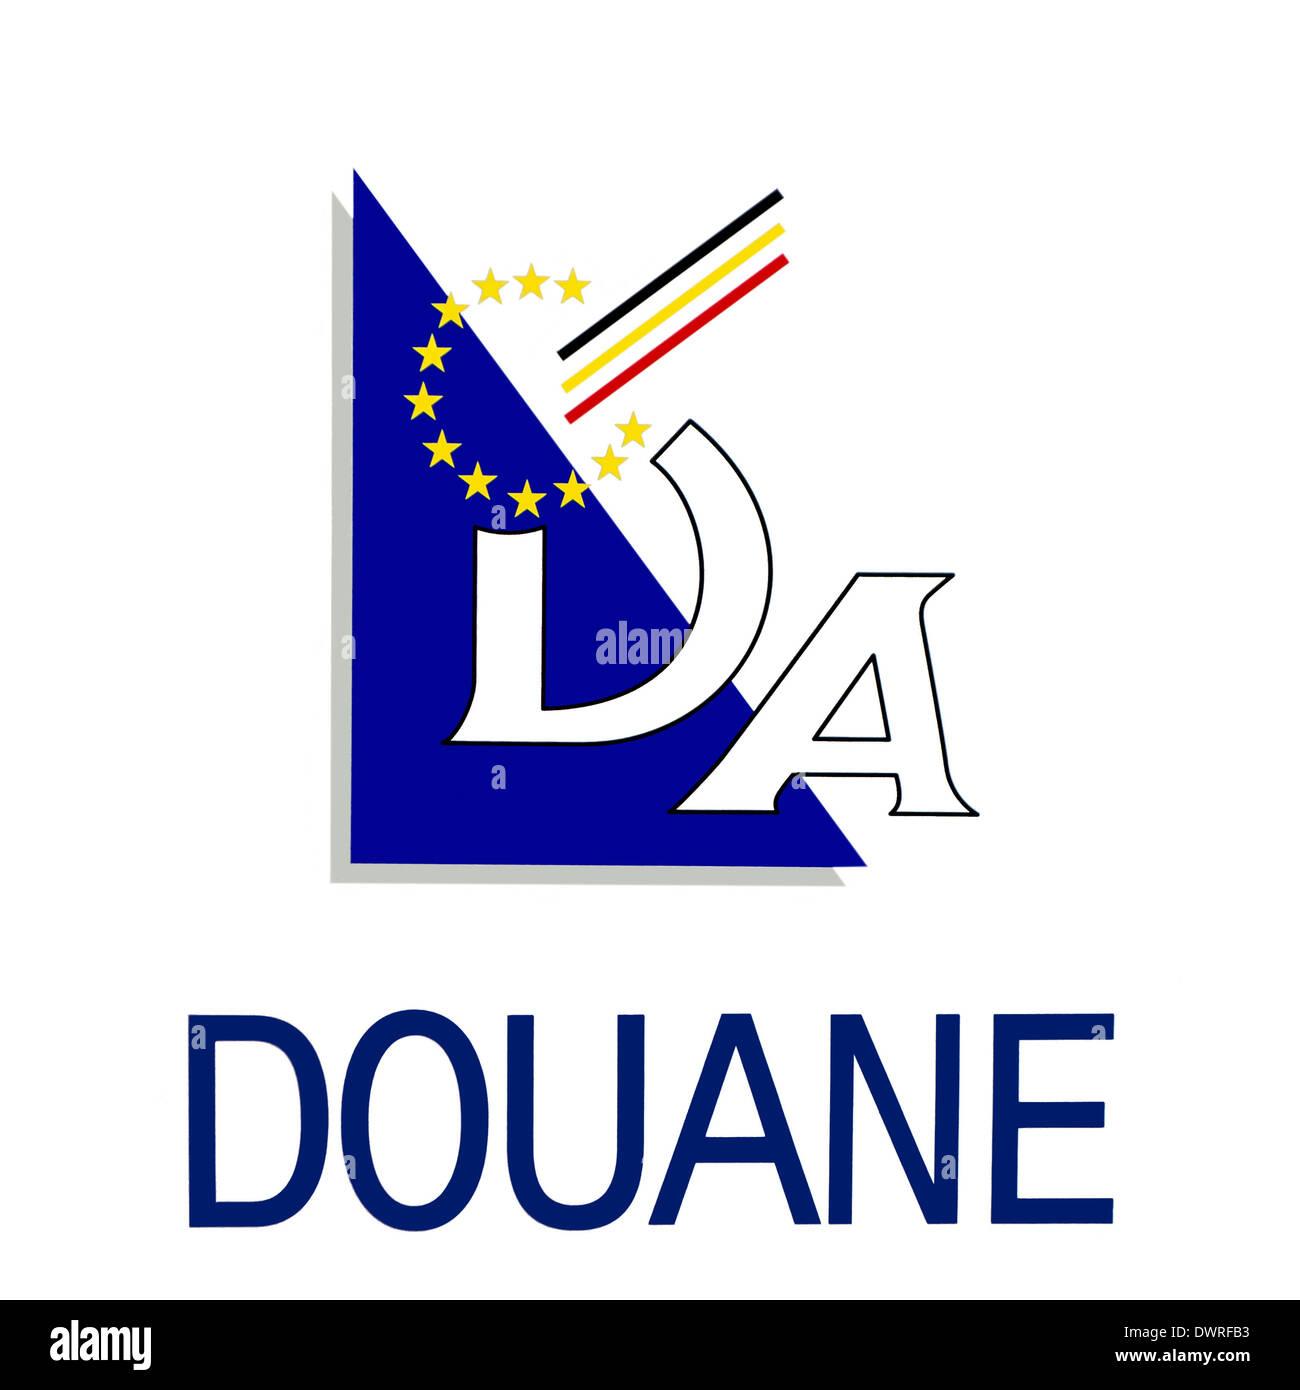 Logo de la douane, droits de douane belge en Belgique Photo Stock